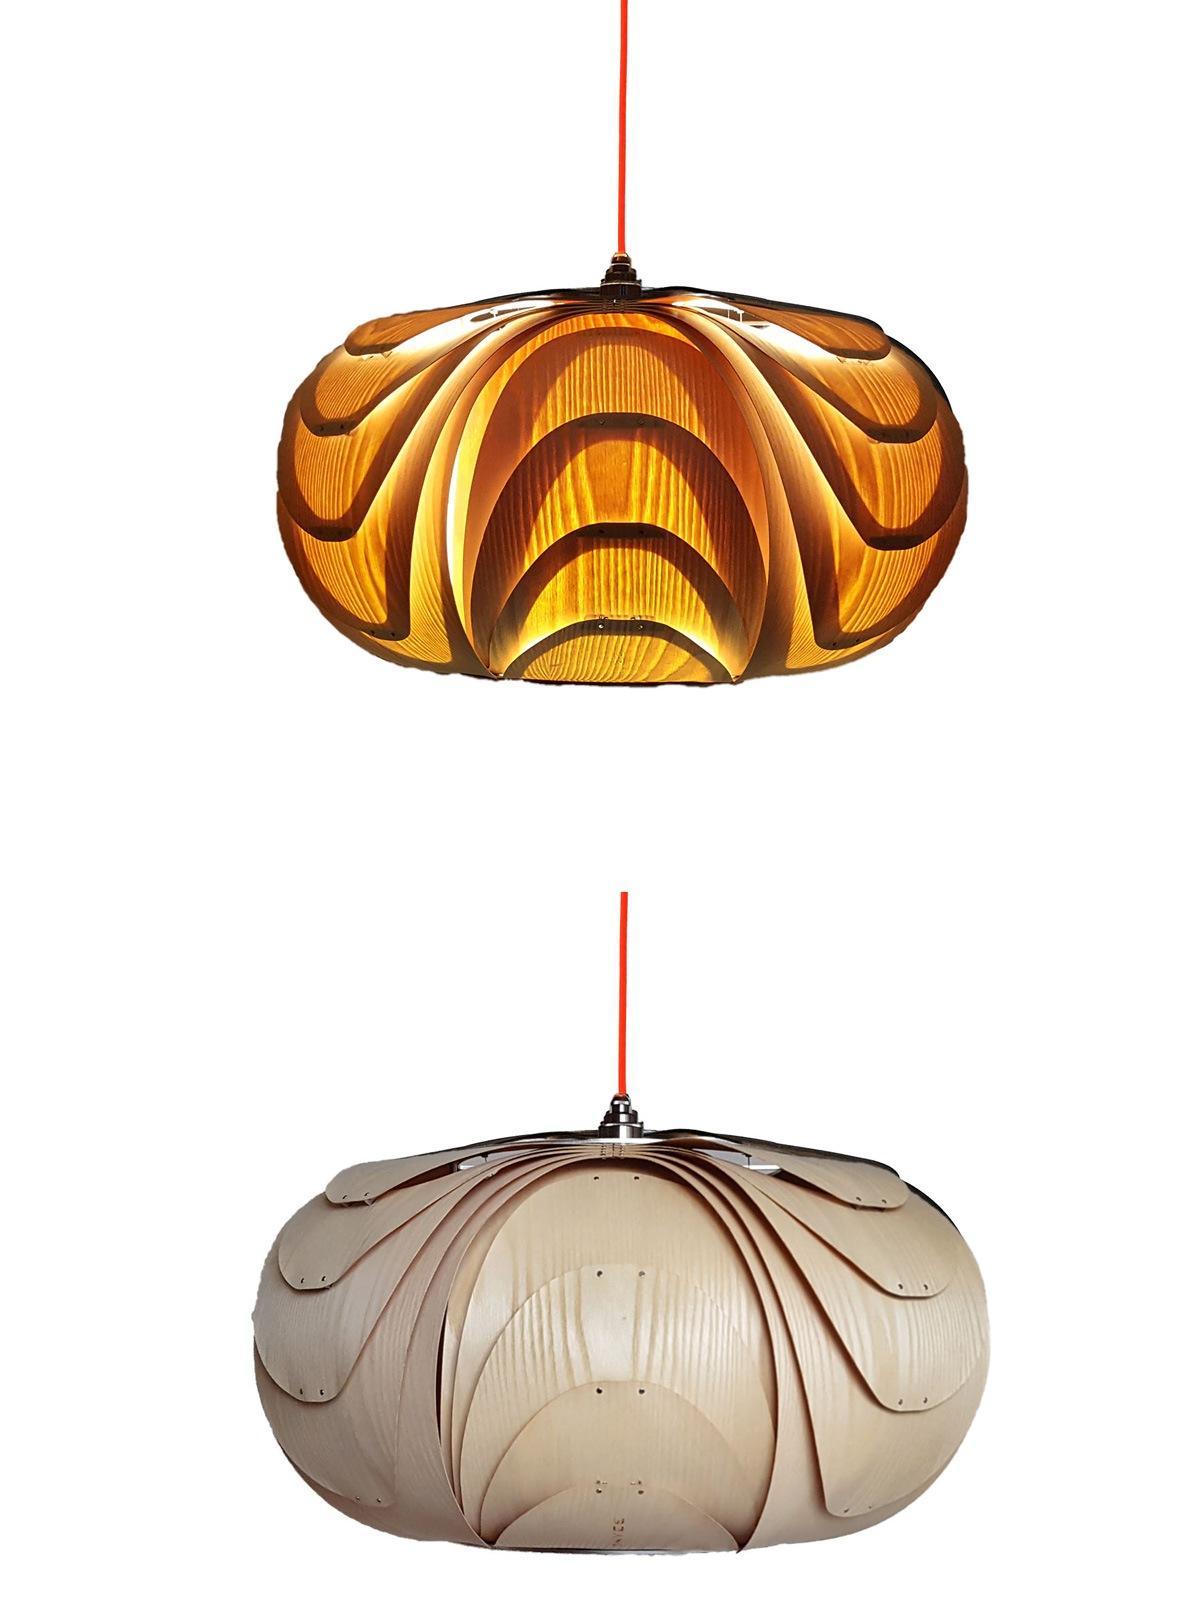 ANIDA Esche Holzleuchte von ONYEE Lights DesignOrt Leuchten Berlin